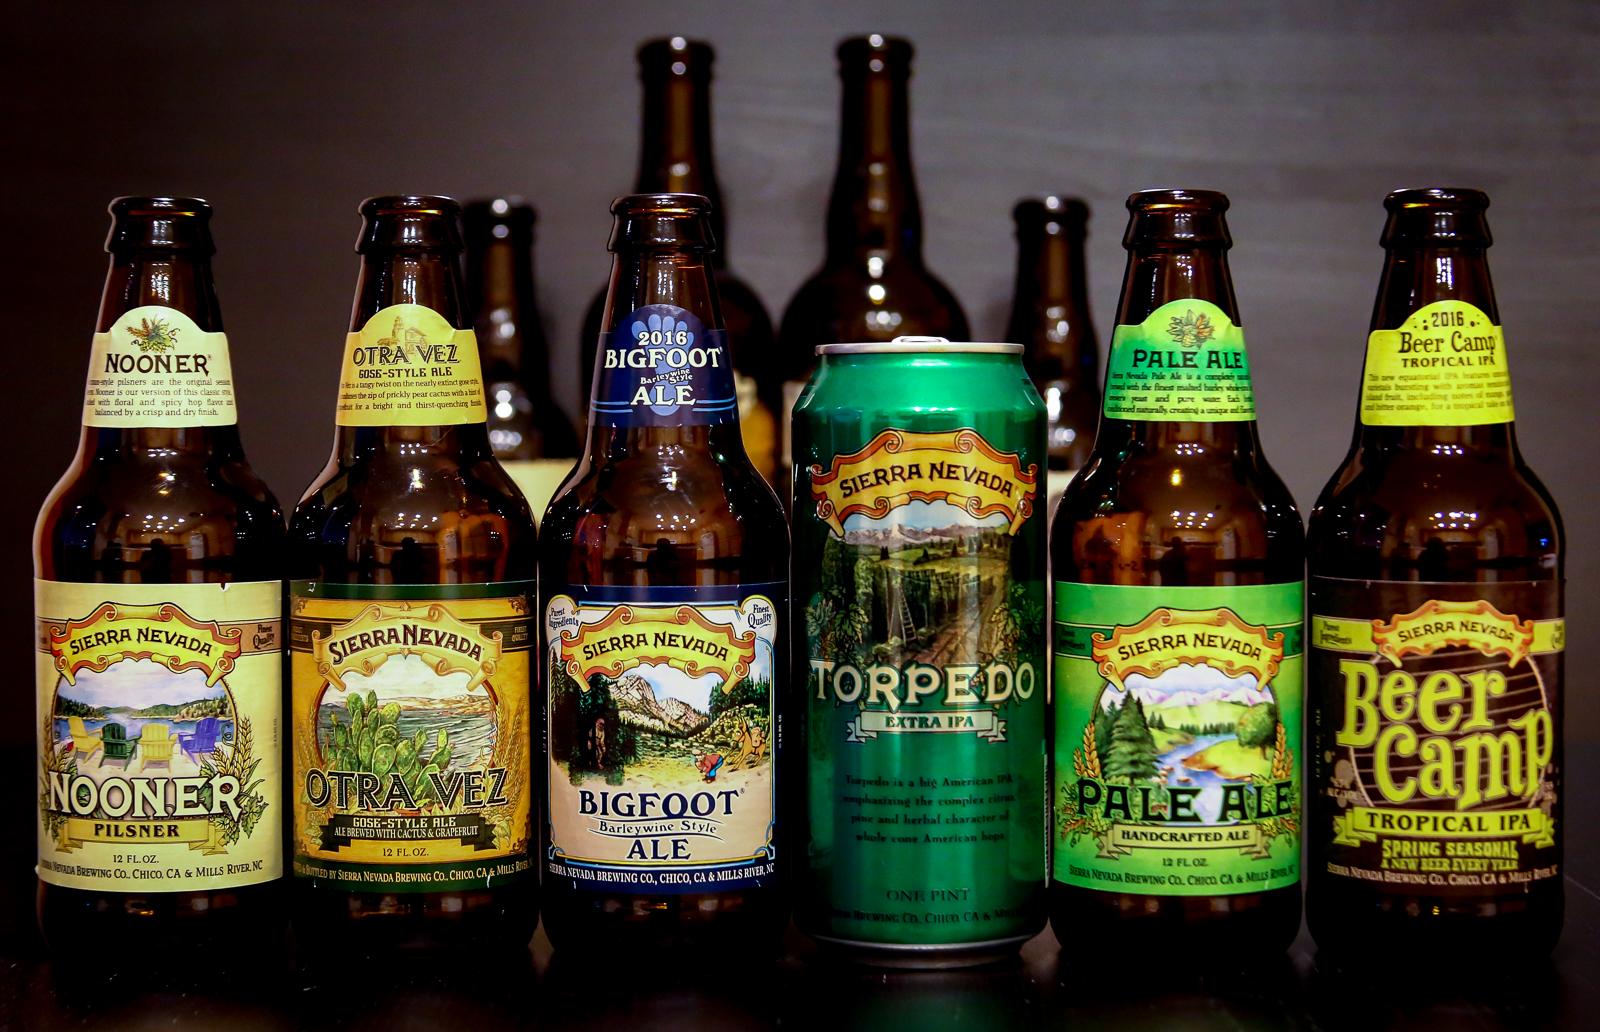 Sierra Nevada Brewing Co. Beers